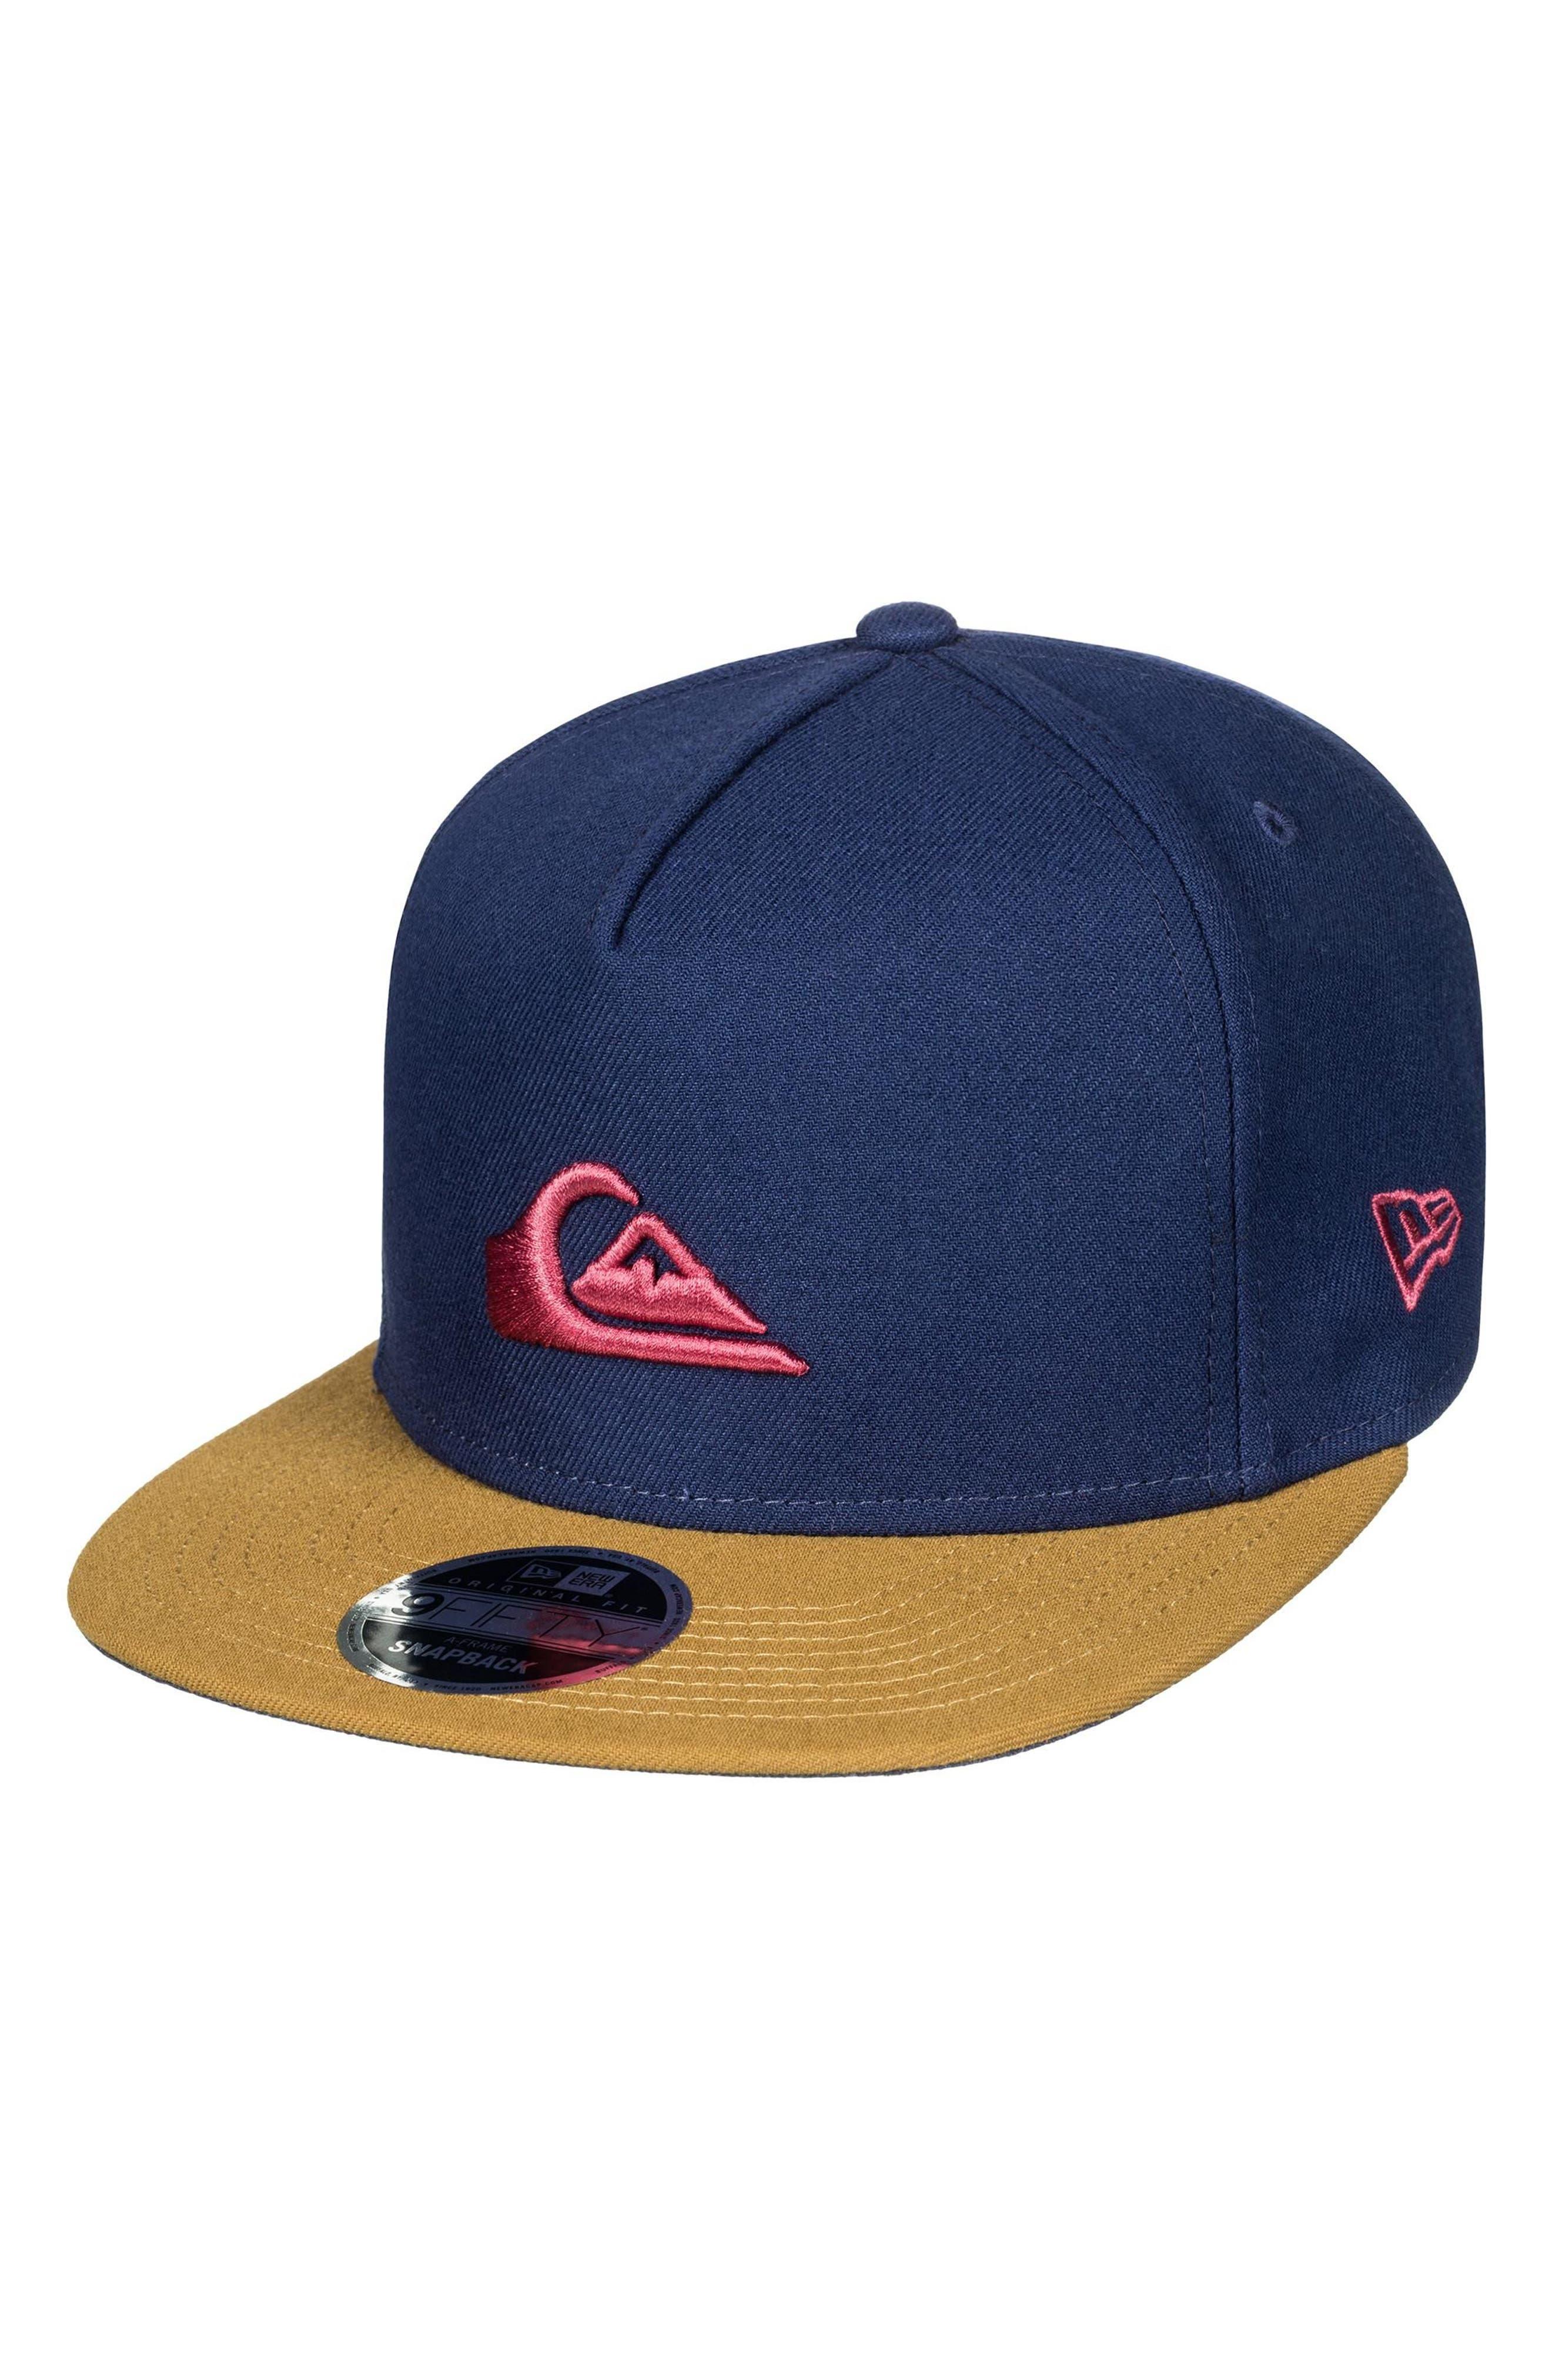 Quiksilver x New Era Stuckles Snapback Cap